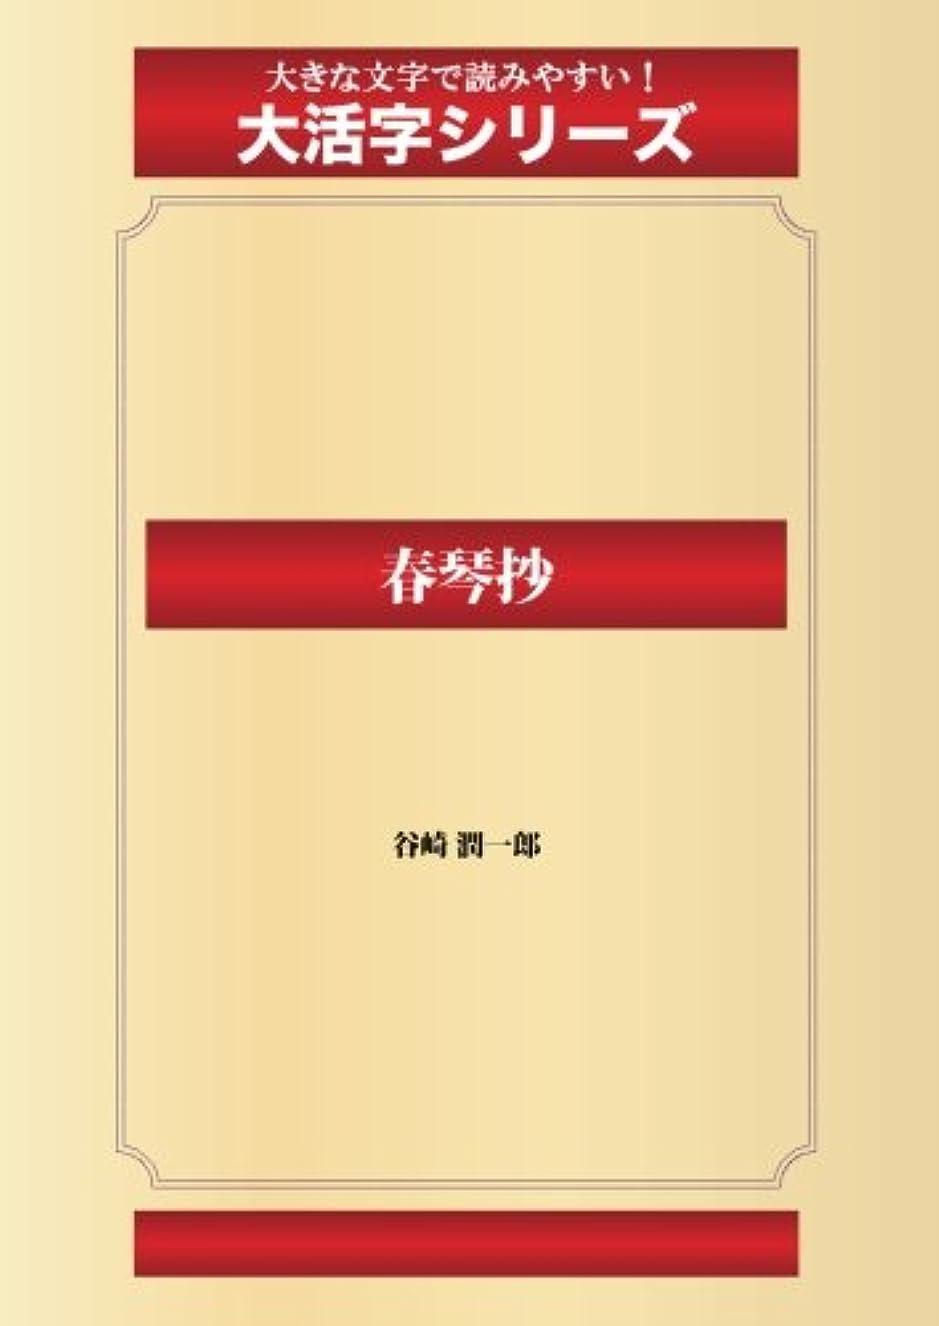 荒らす人気のファンシー春琴抄(ゴマブックス大活字シリーズ)